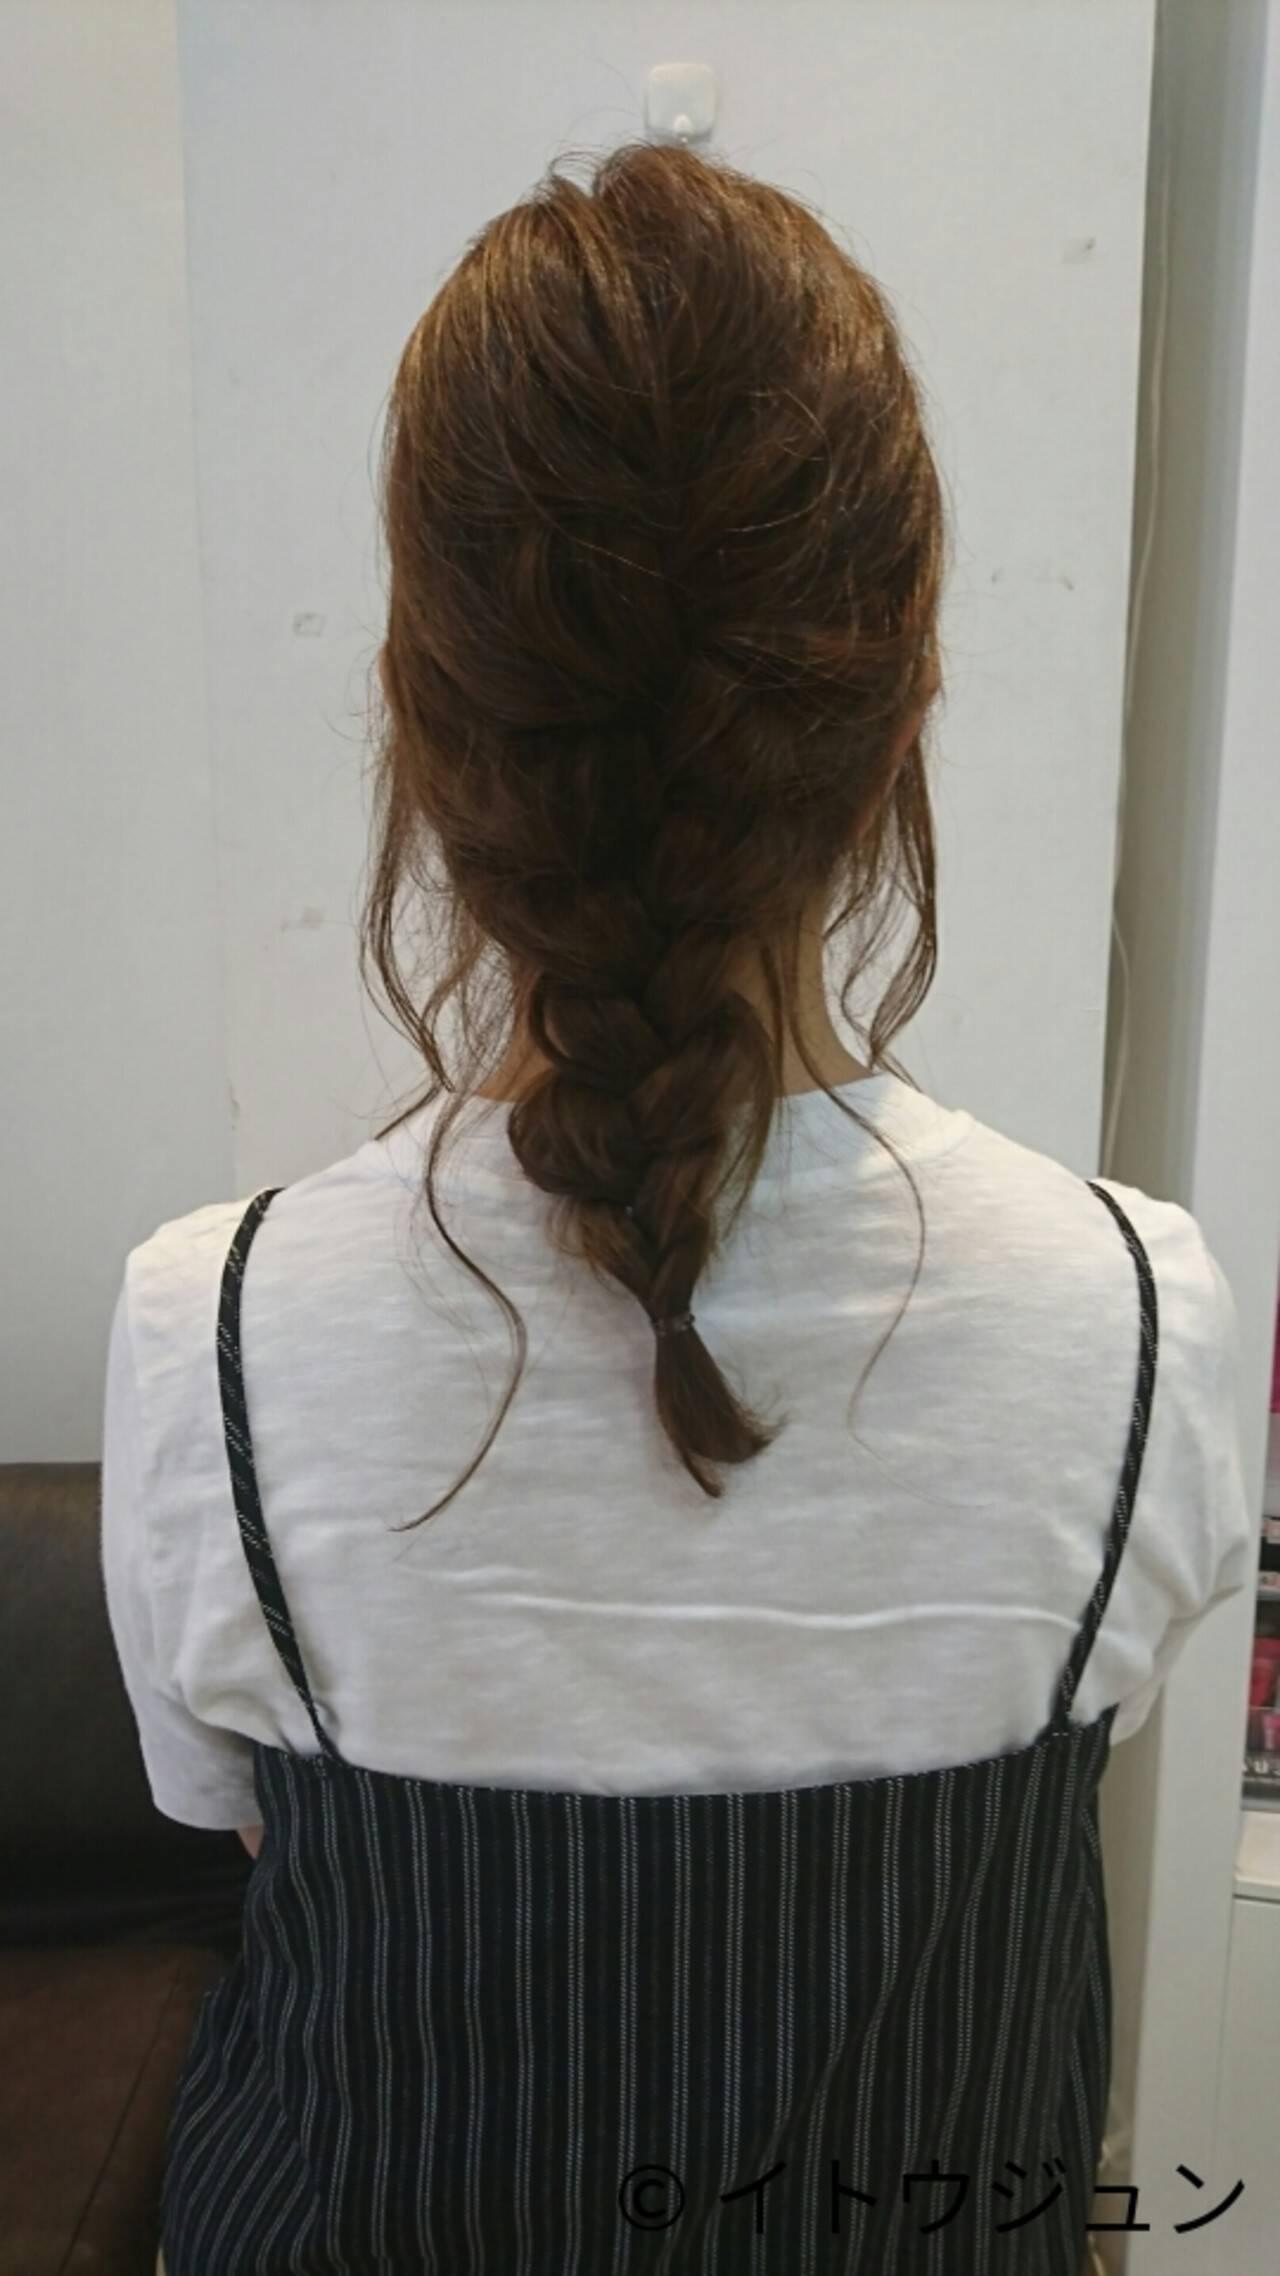 ヘアアレンジ セミロング 簡単ヘアアレンジ ナチュラルヘアスタイルや髪型の写真・画像